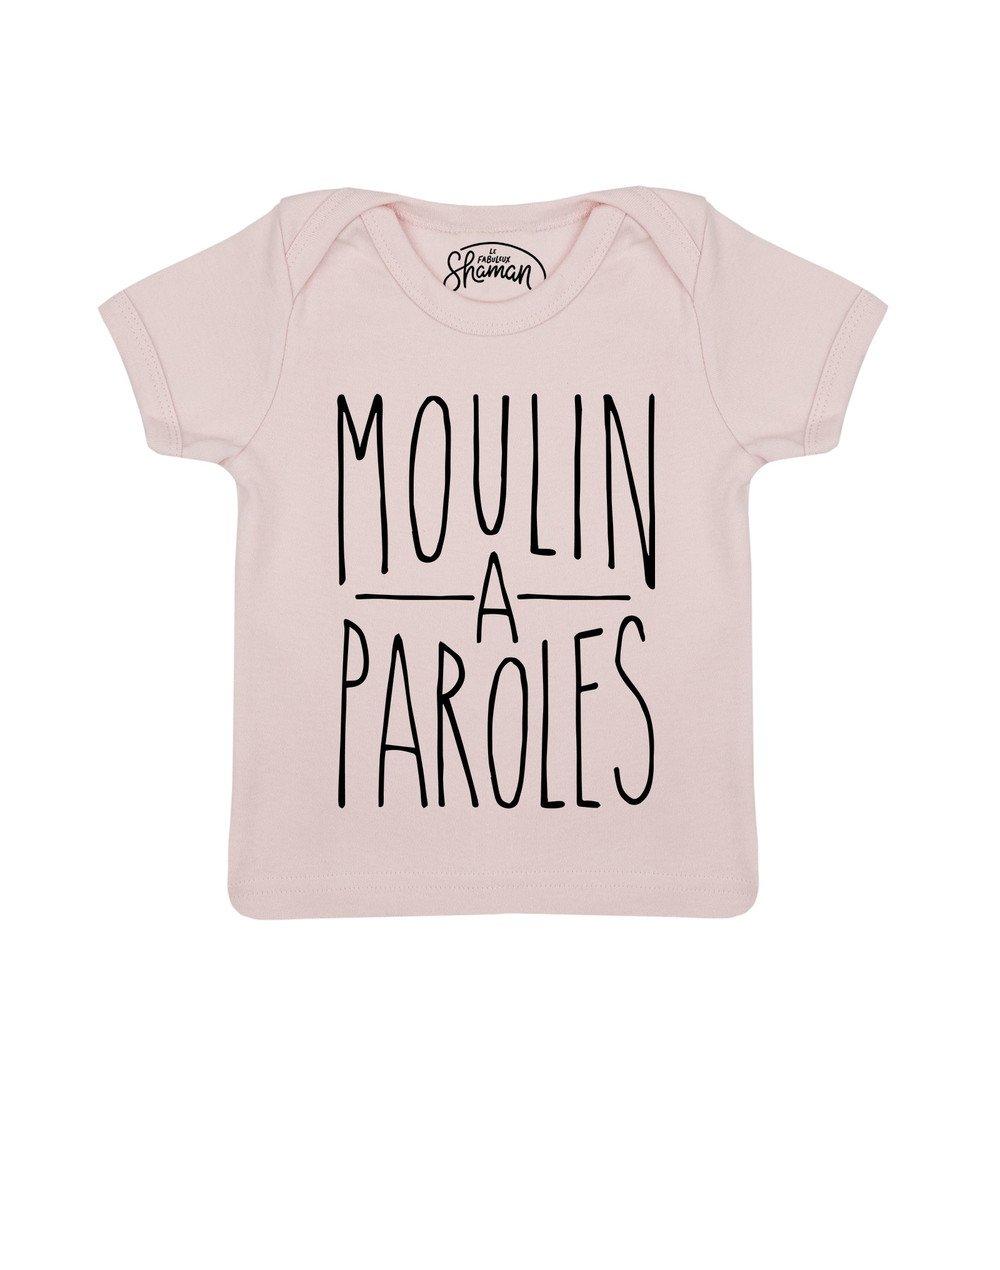 Tee shirt Moulin à paroles